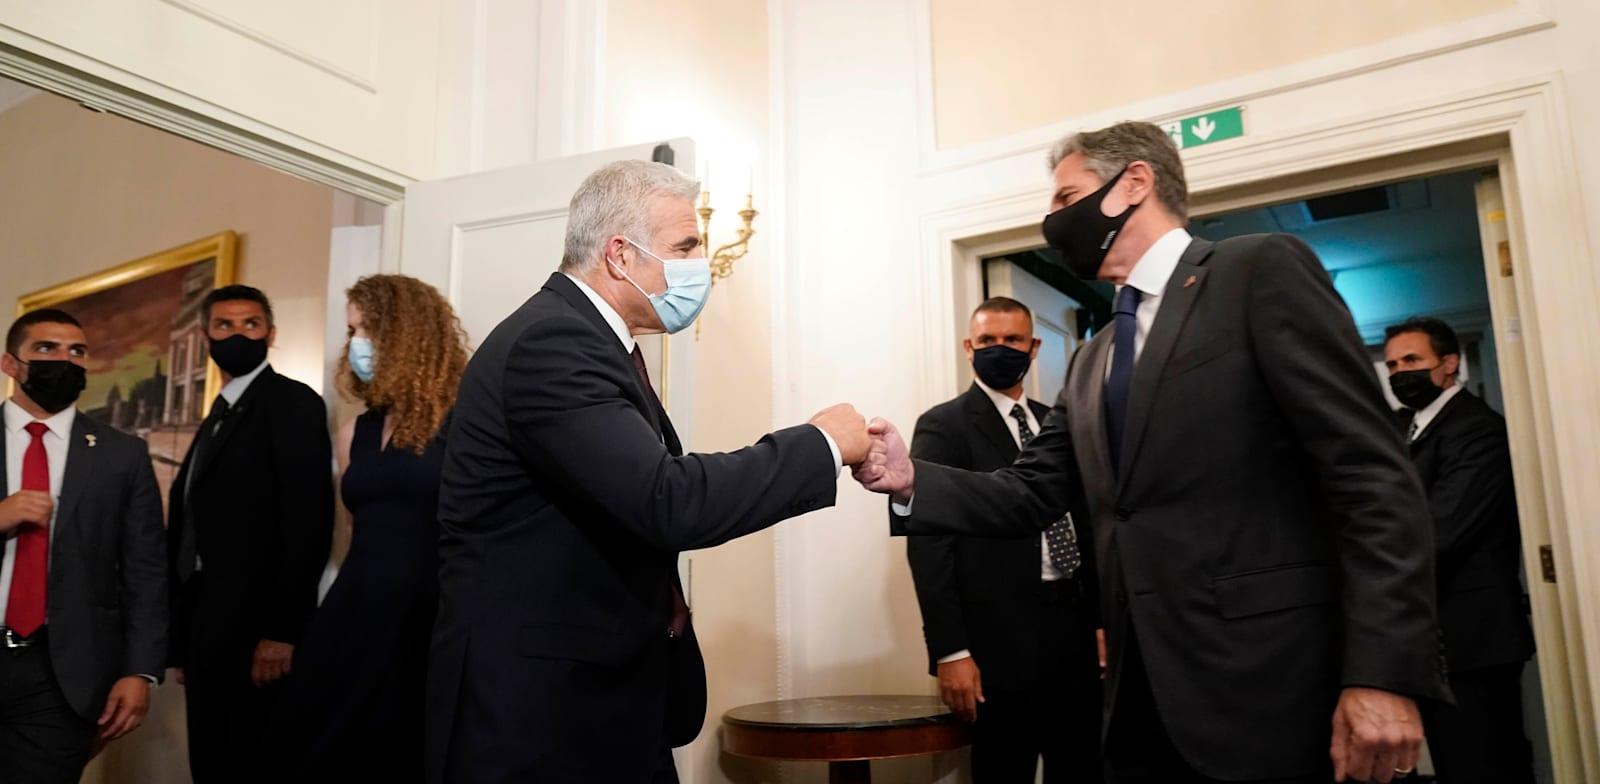 פגישת שר החוץ לפיד עם מזכיר המדינה בלינקן בחודש שעבר בוושינגטון / צילום: Associated Press, Andrew Harnik